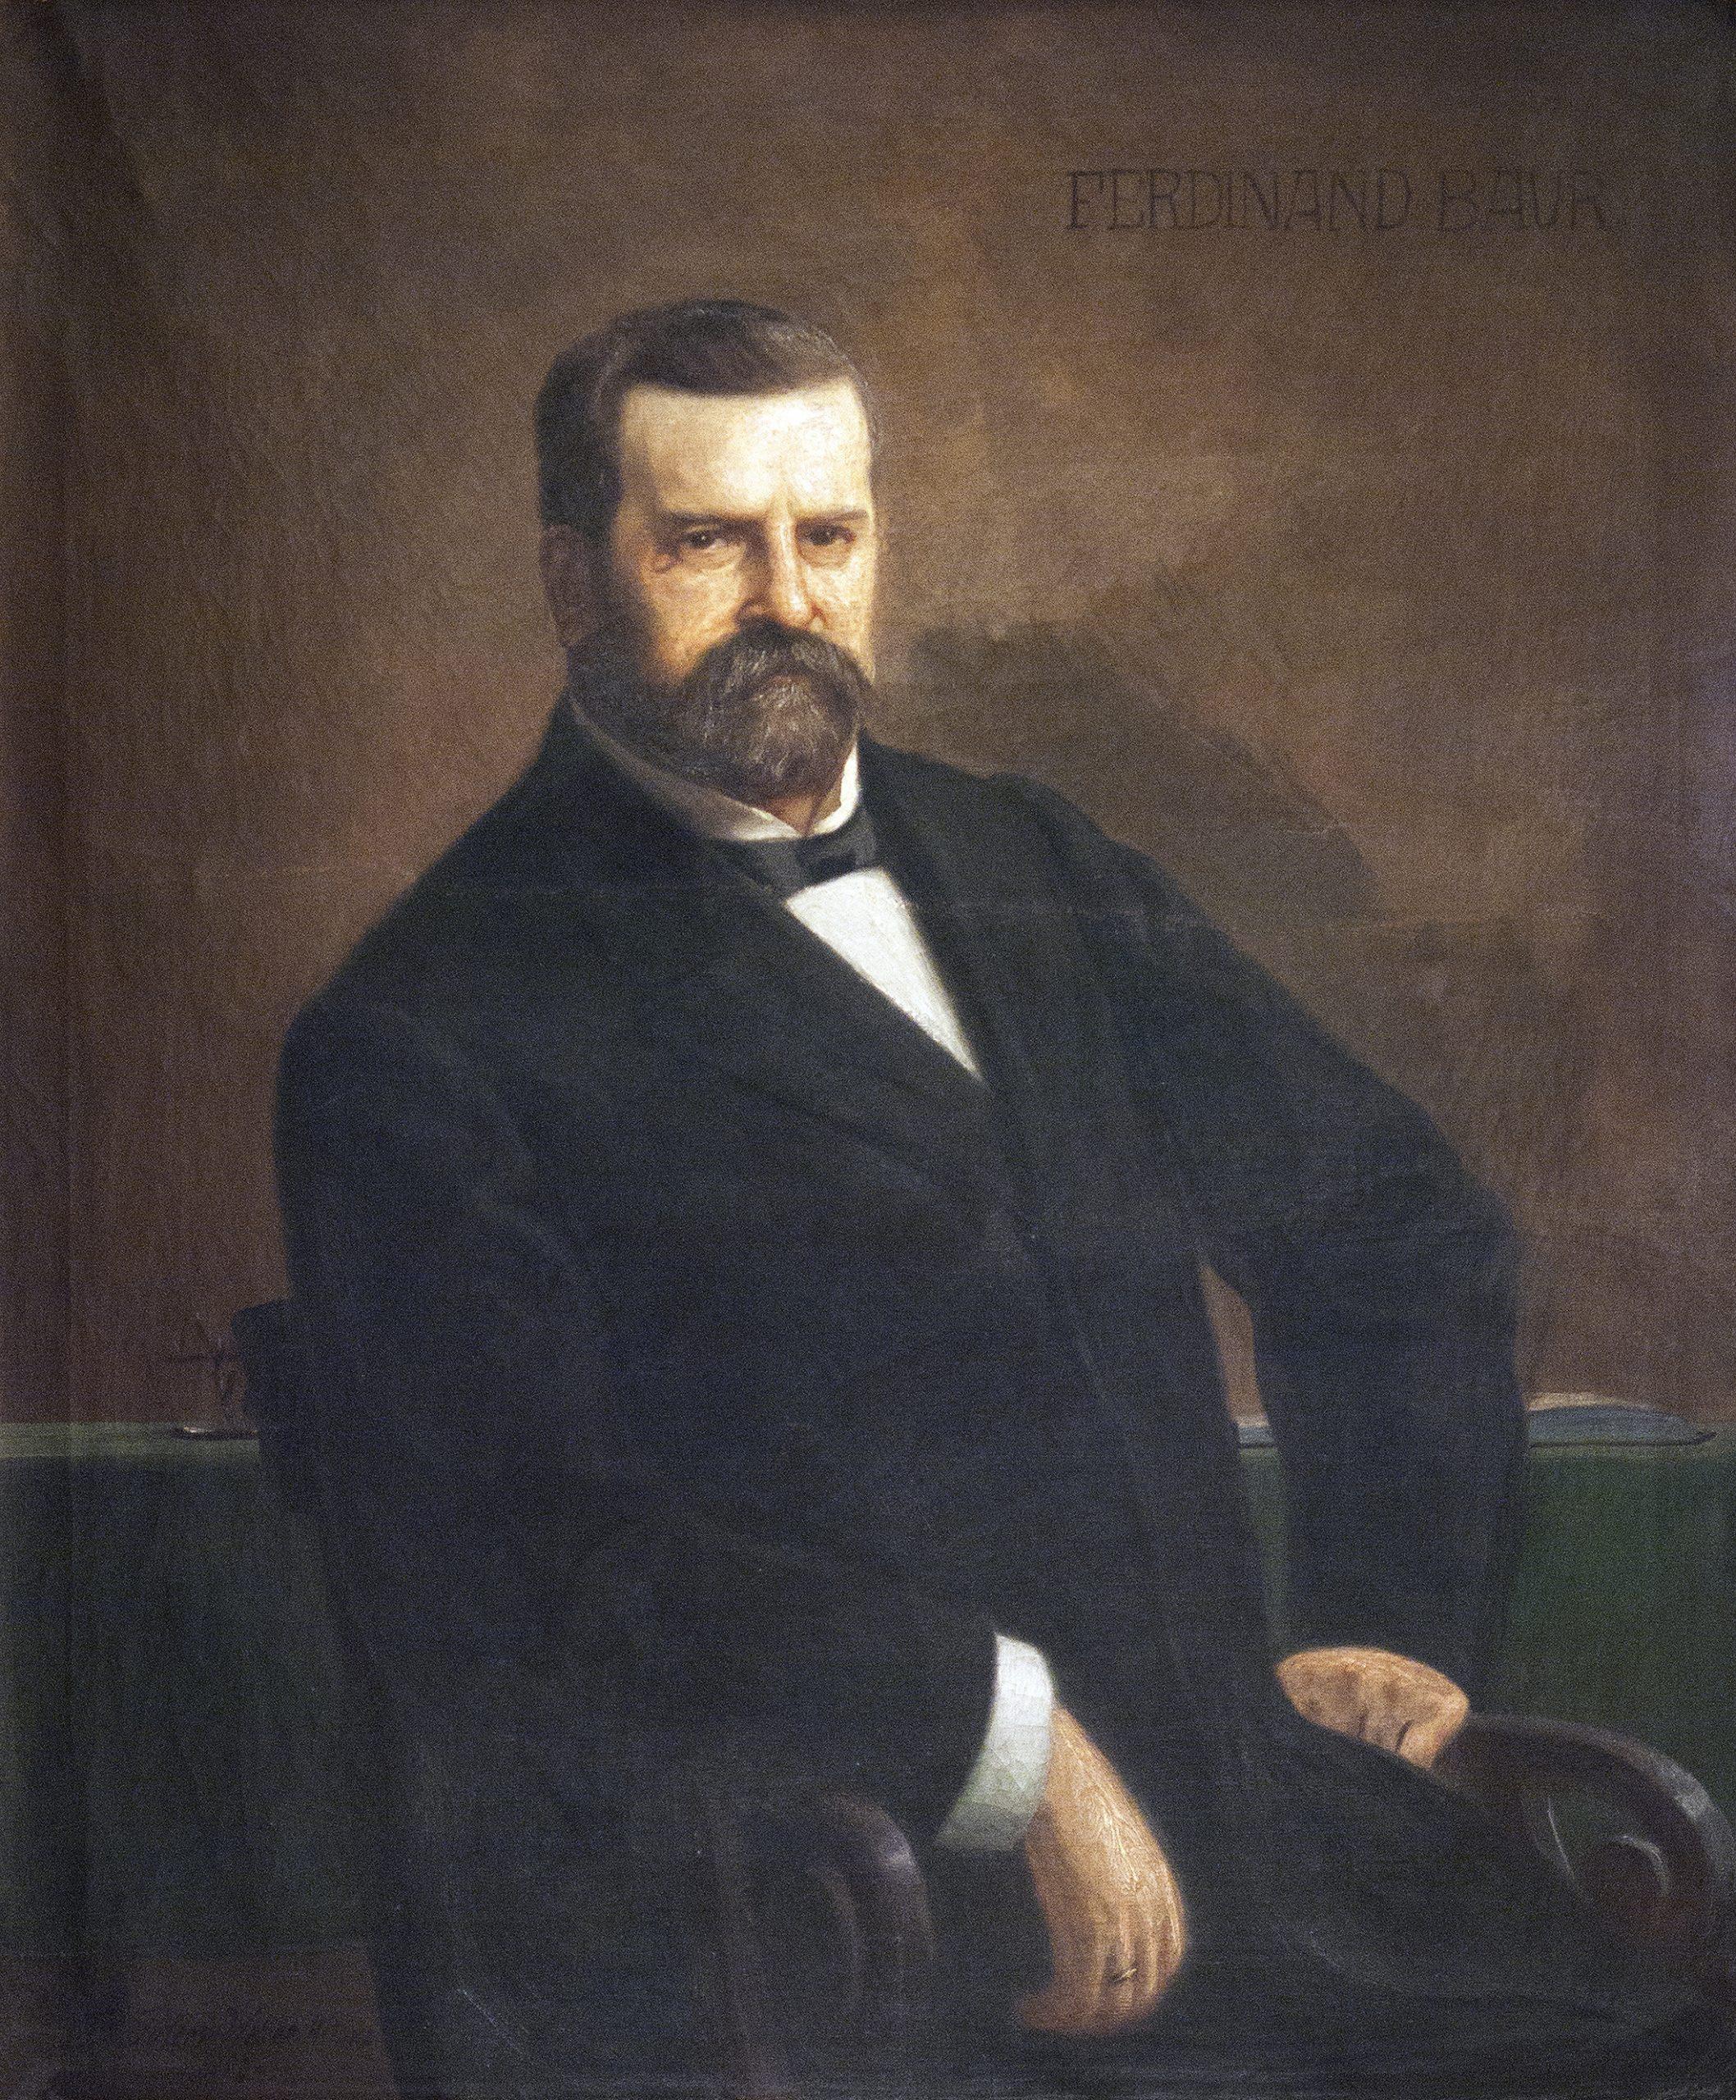 Porträt von Dr. Ferdinand Baur, einem der ersten Vorstandsmitglieder der altoba